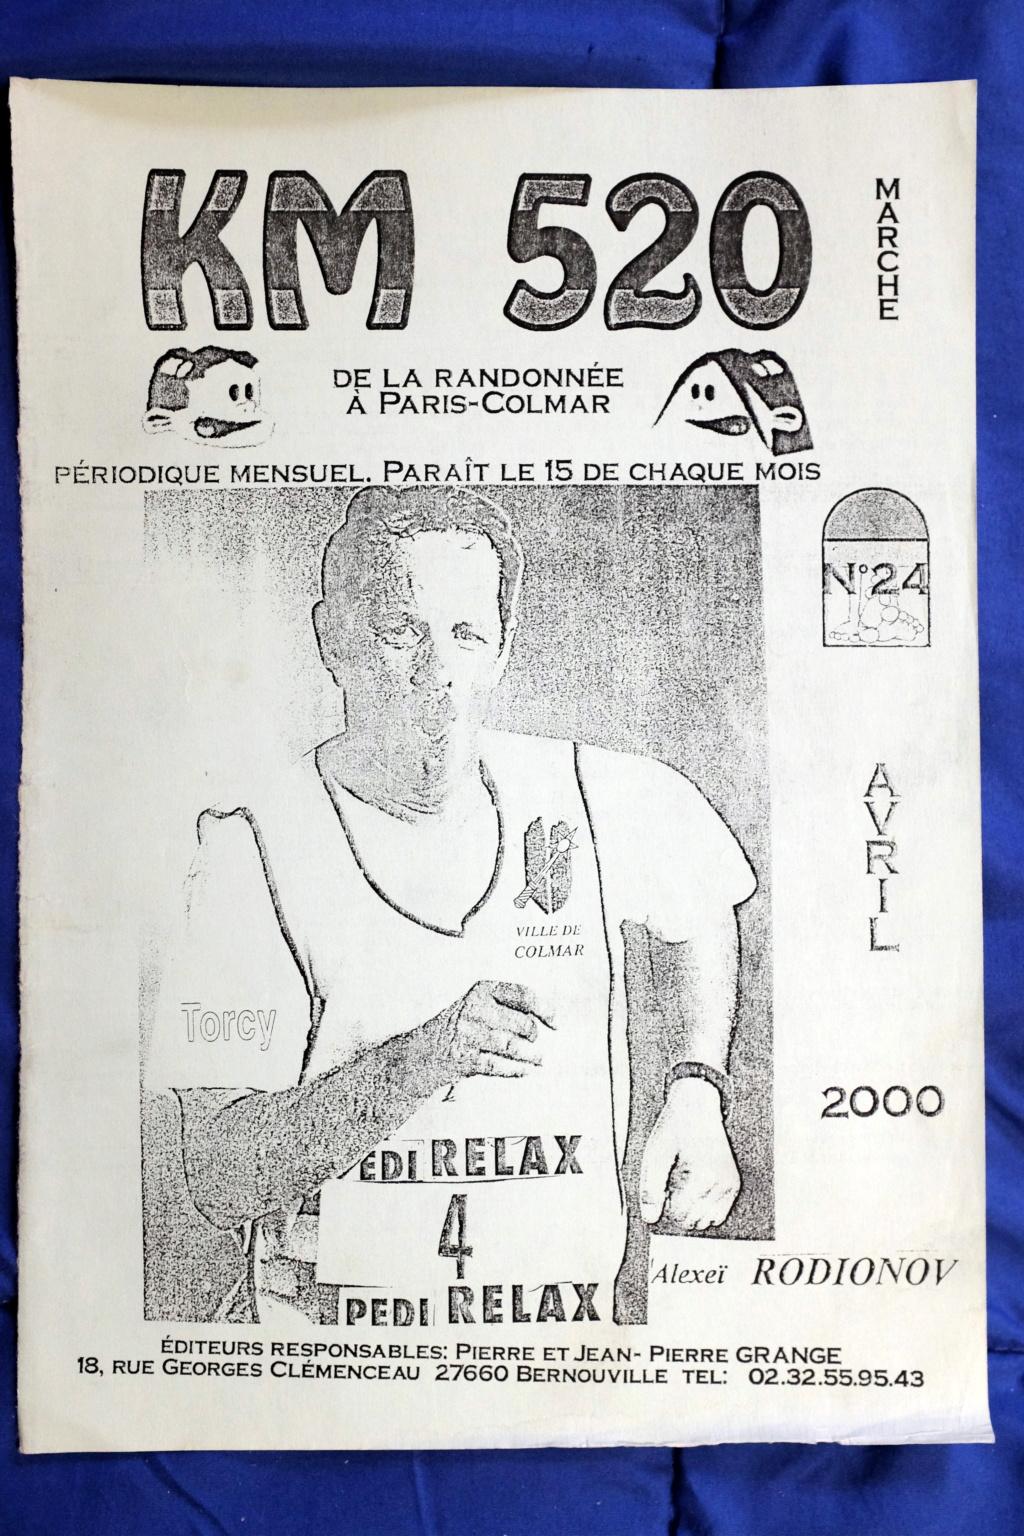 Le KM520 et ses éditos 1998-2009 - Page 2 Dscf0459